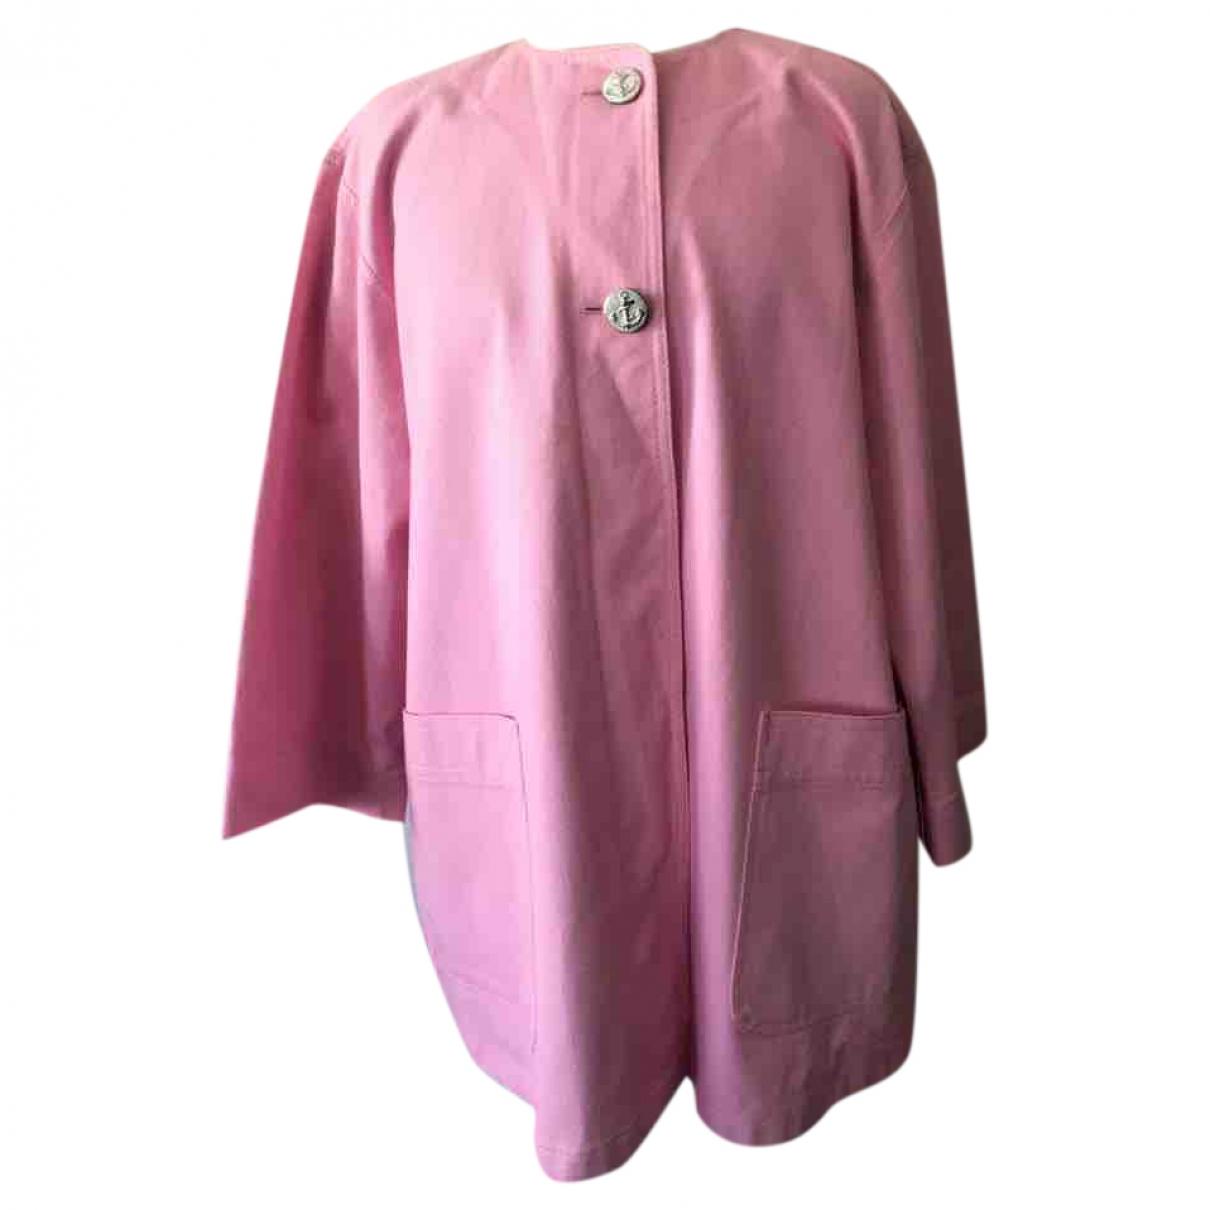 Guy Laroche \N Pink Cotton jacket for Women 38 FR